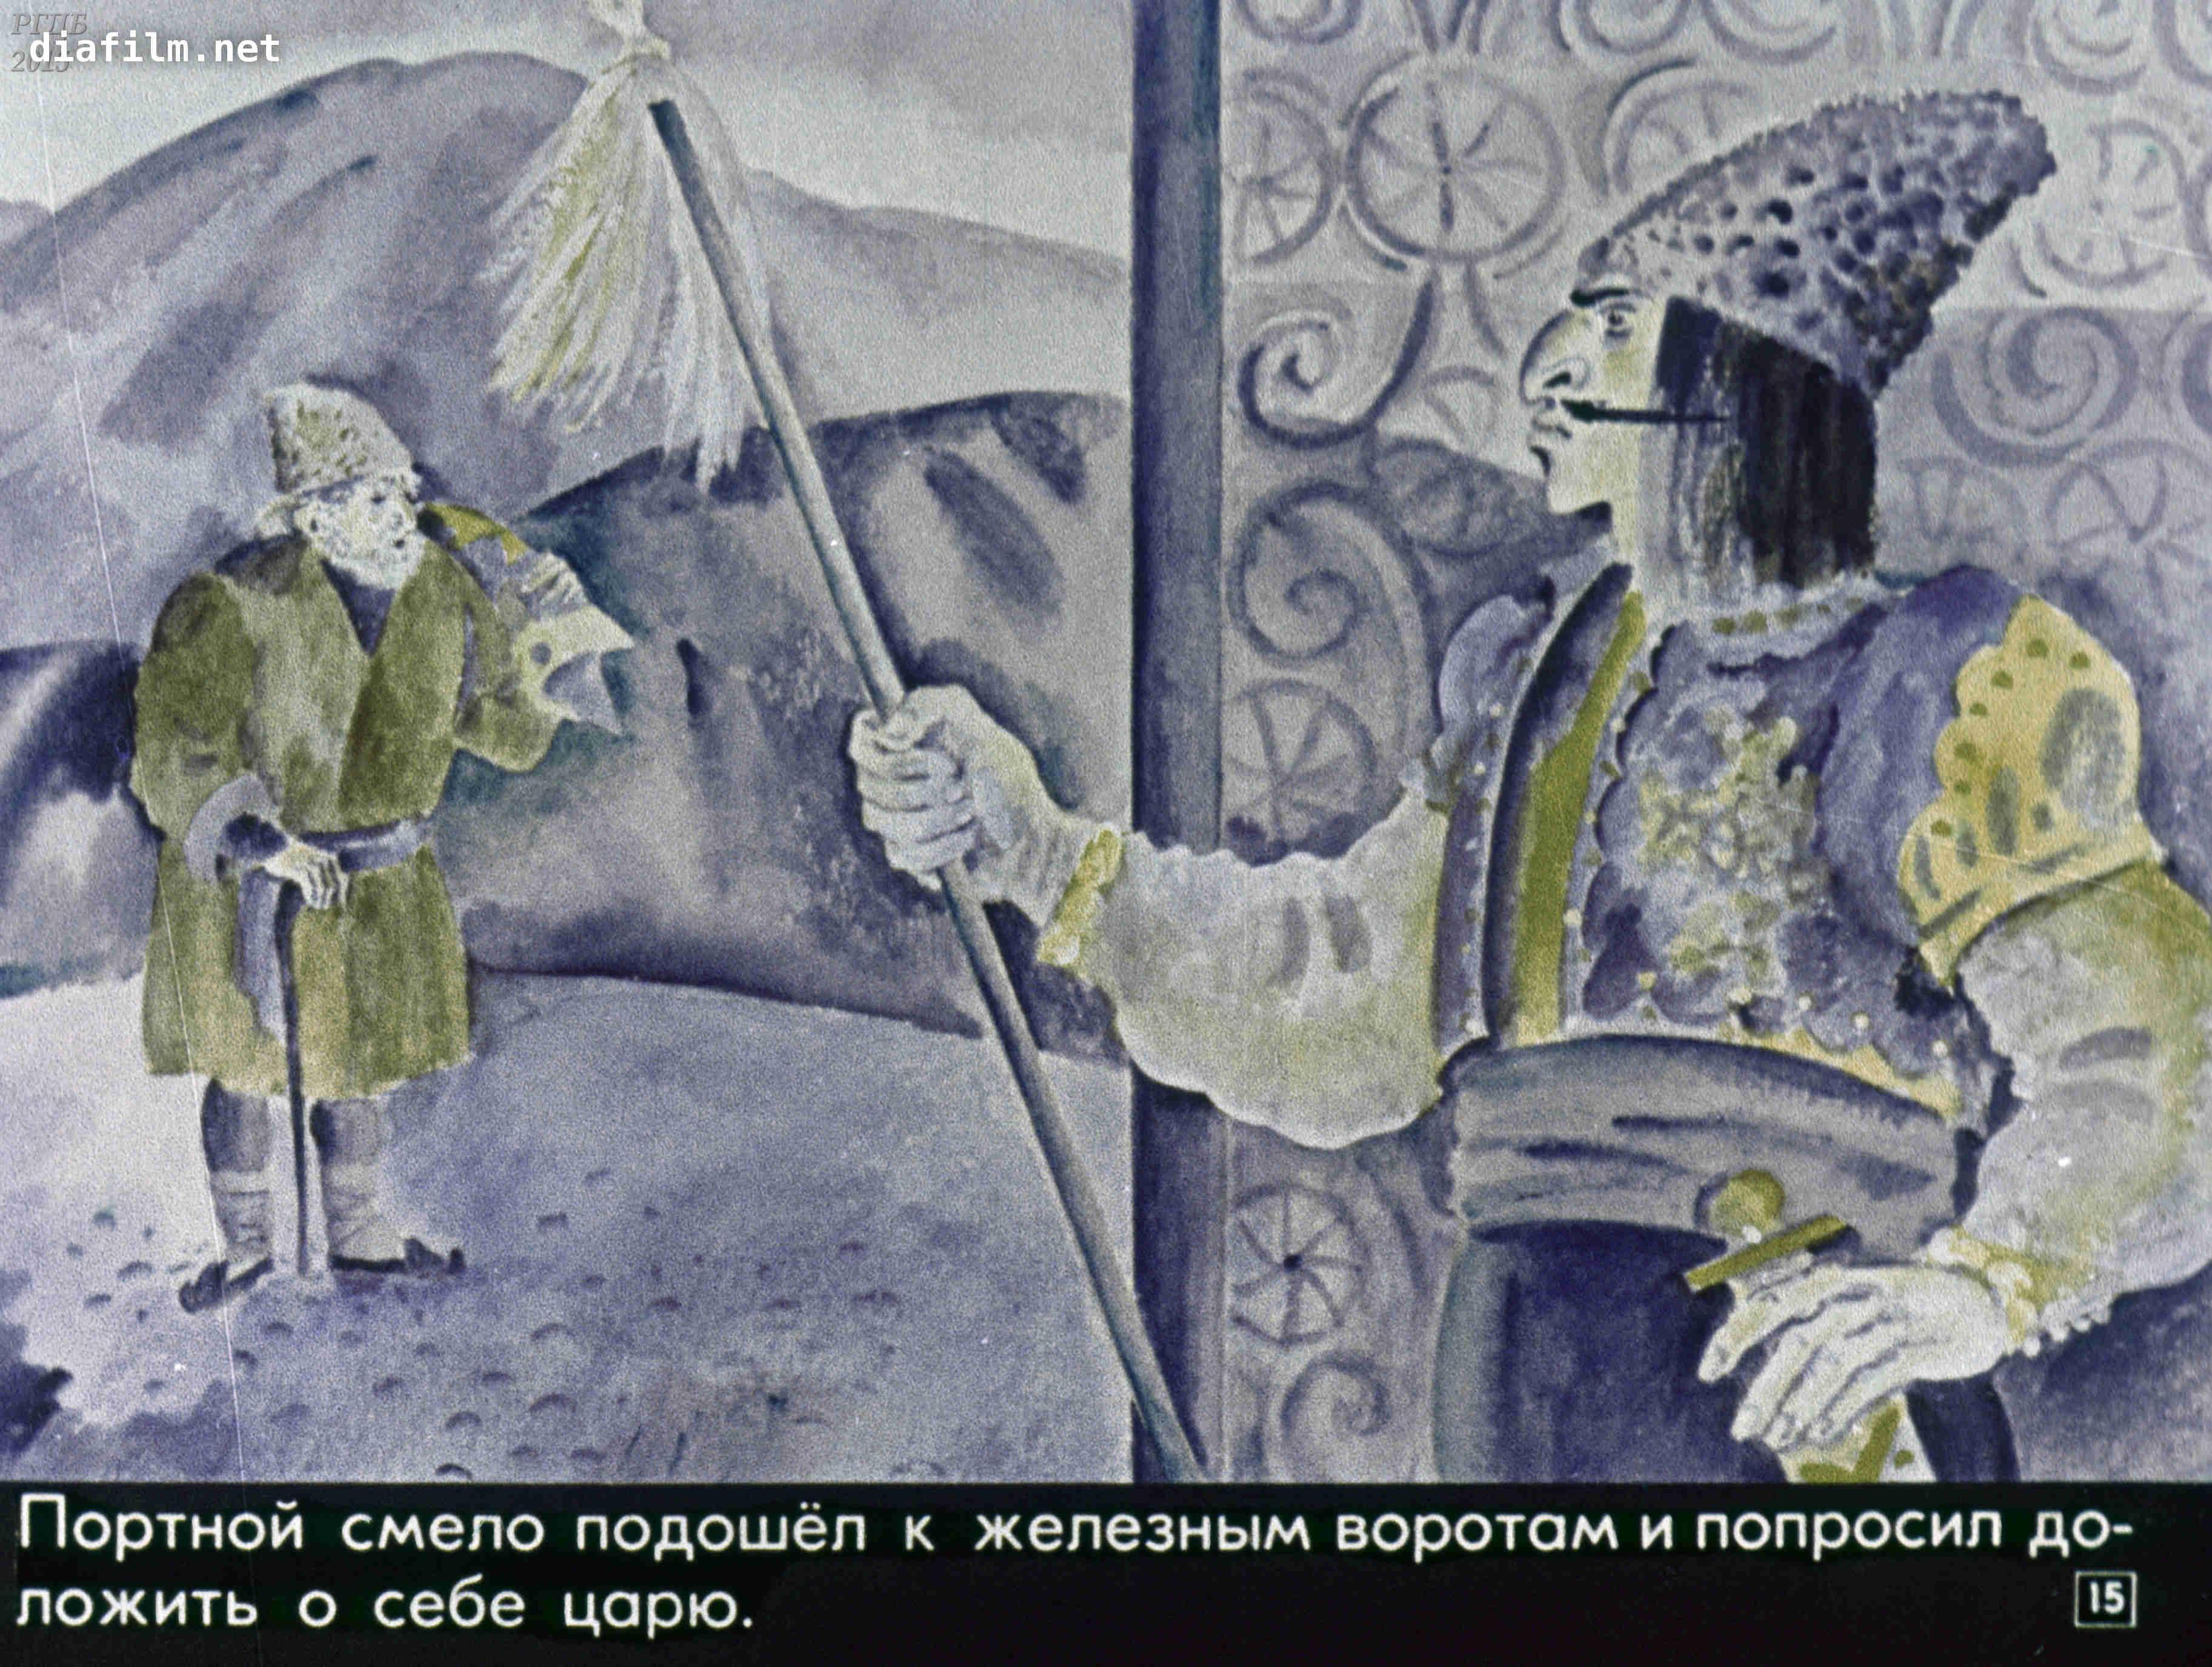 армянская сказка с картинками посыпать солью, соединить